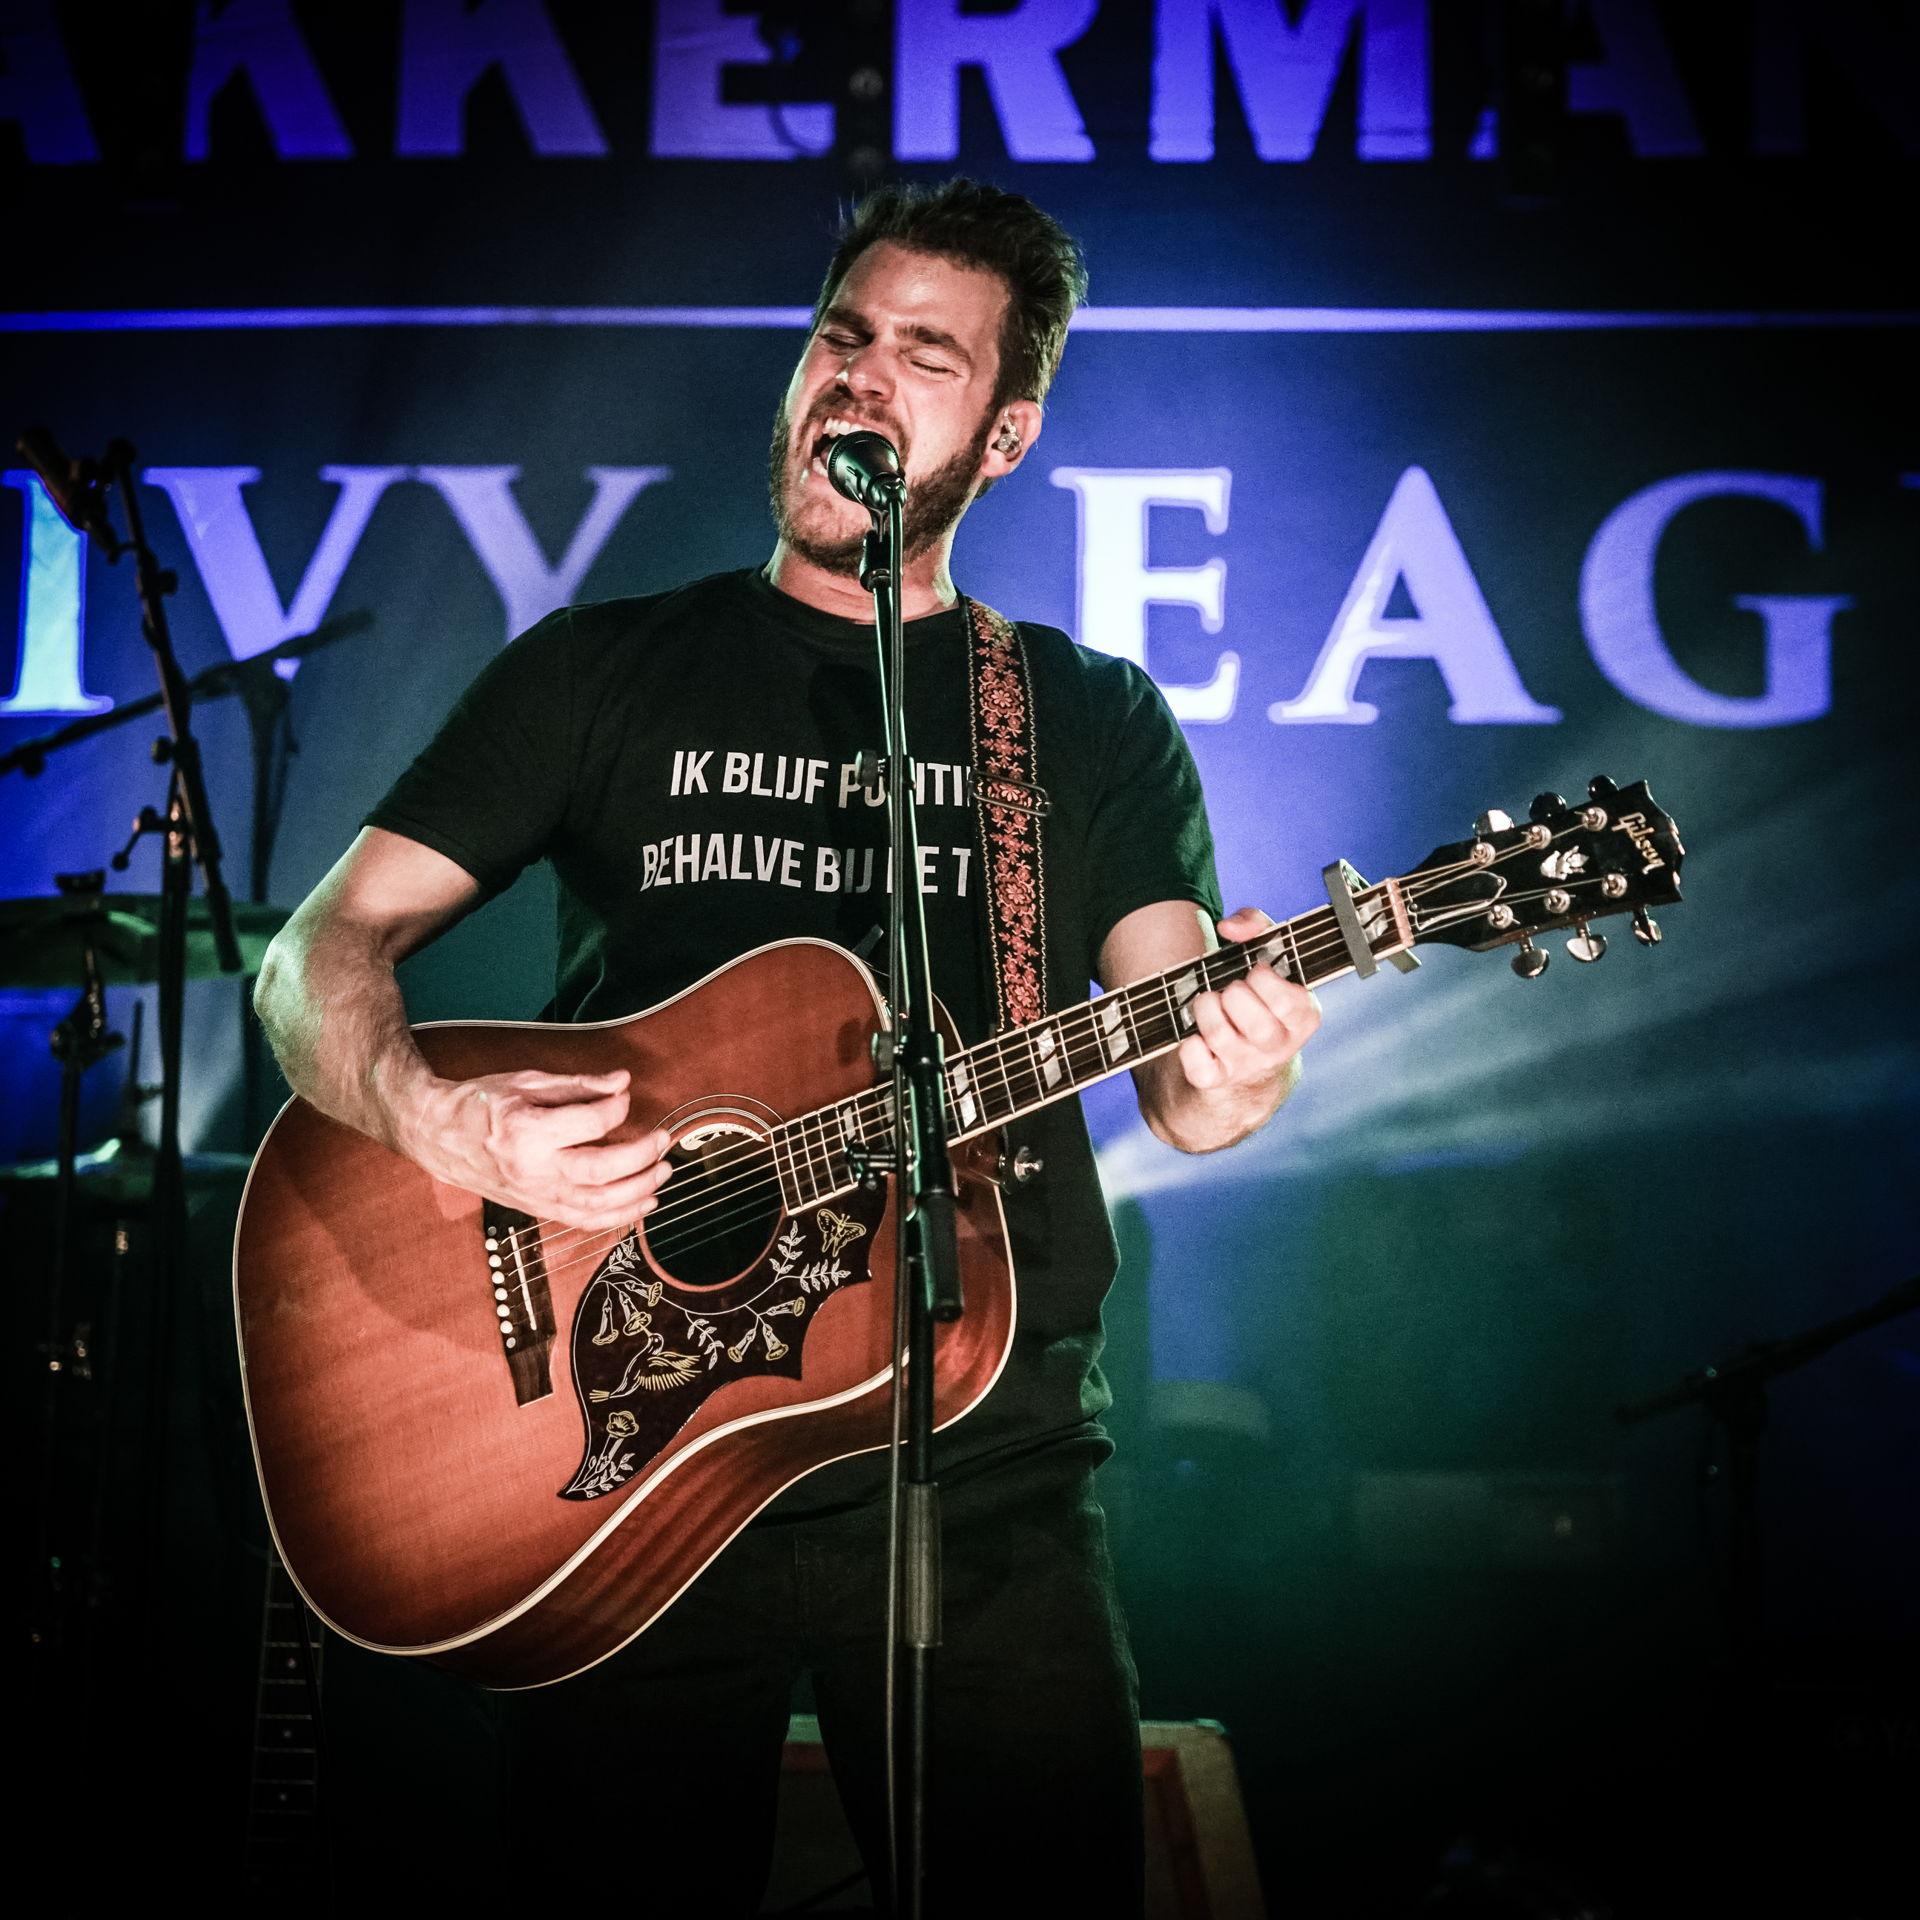 Tim Akkerman & the Ivy League tijdens Locked & Live, foto's door Photo Anya.